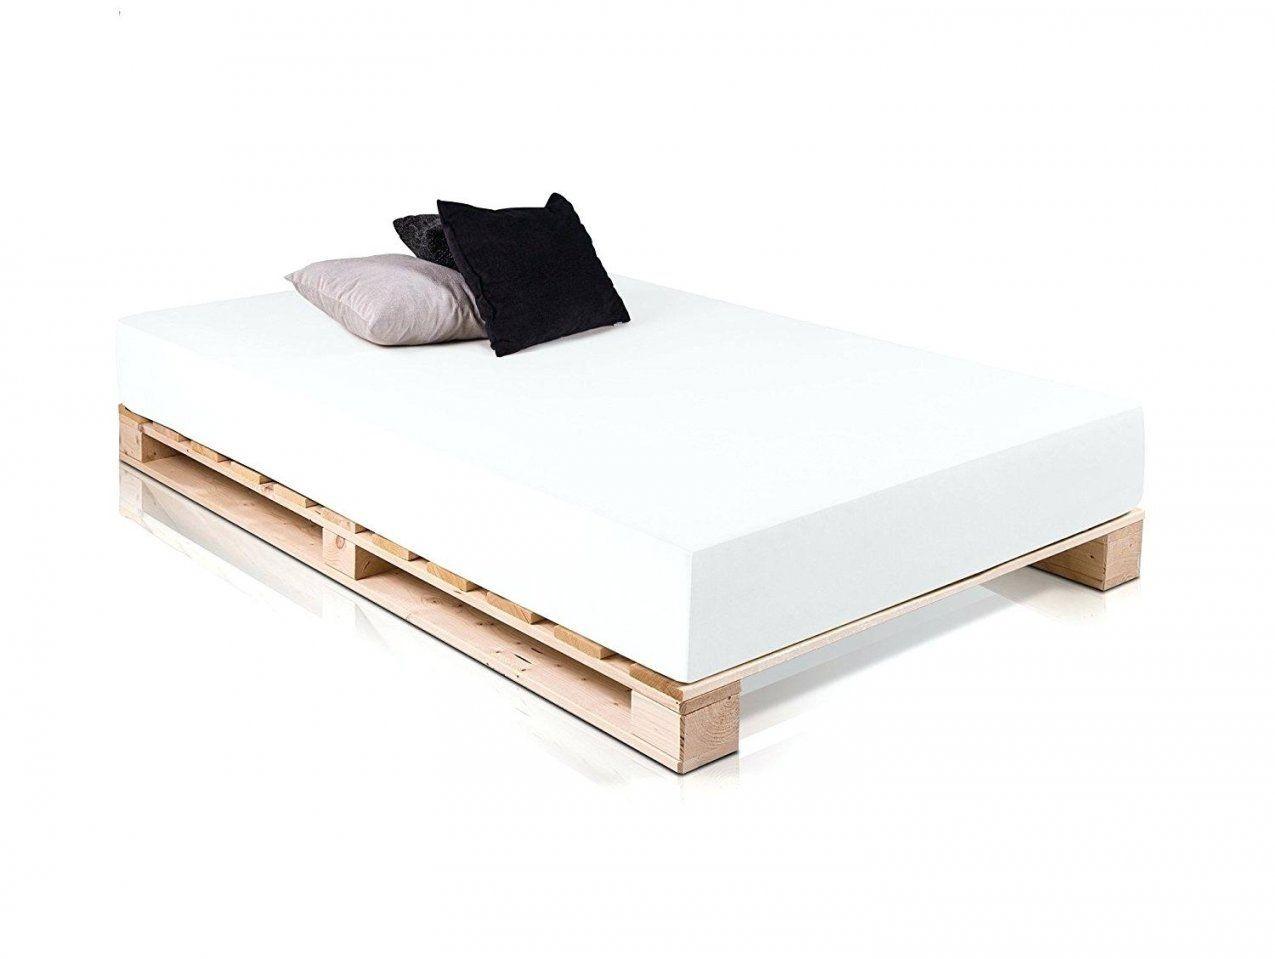 Ausziehbett Flexa Weiss Gleiche Hohe White – Lavwcd von Ausziehbett Gleiche Höhe Ikea Photo